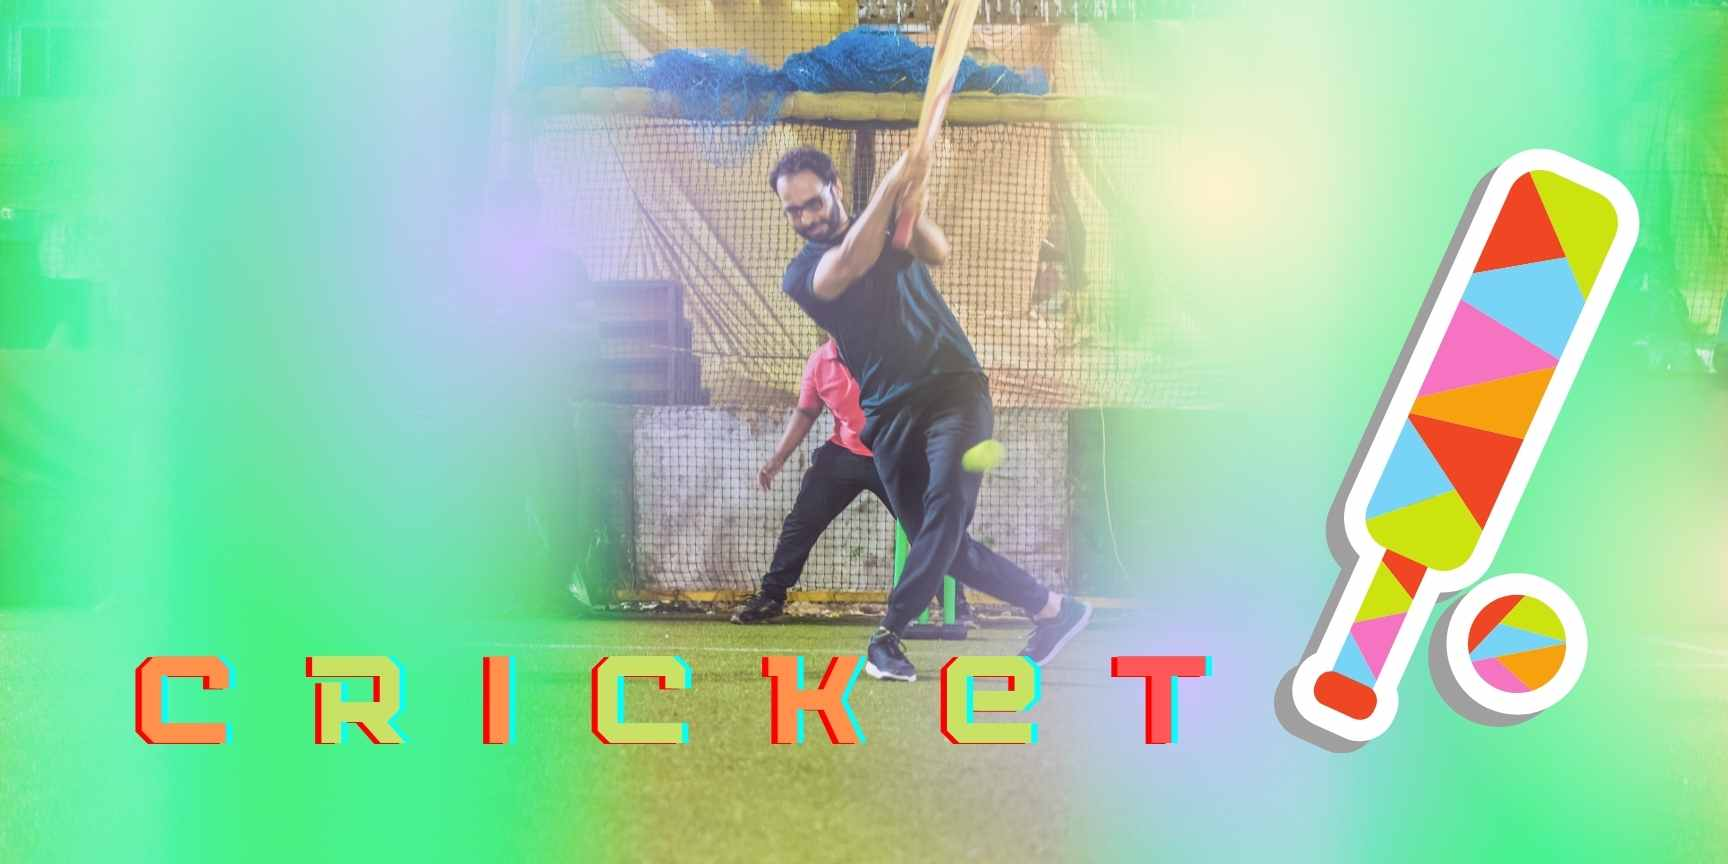 cricket name